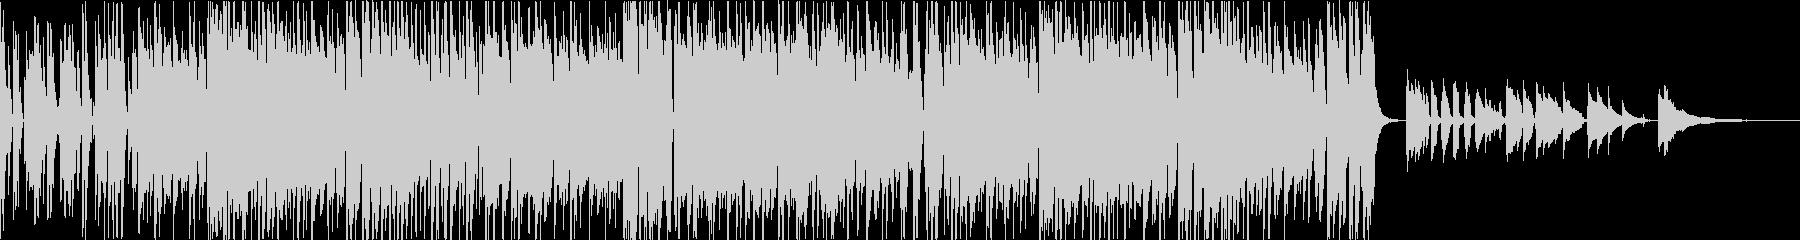 荒城の月のエレクトロファンクのアレンジの未再生の波形